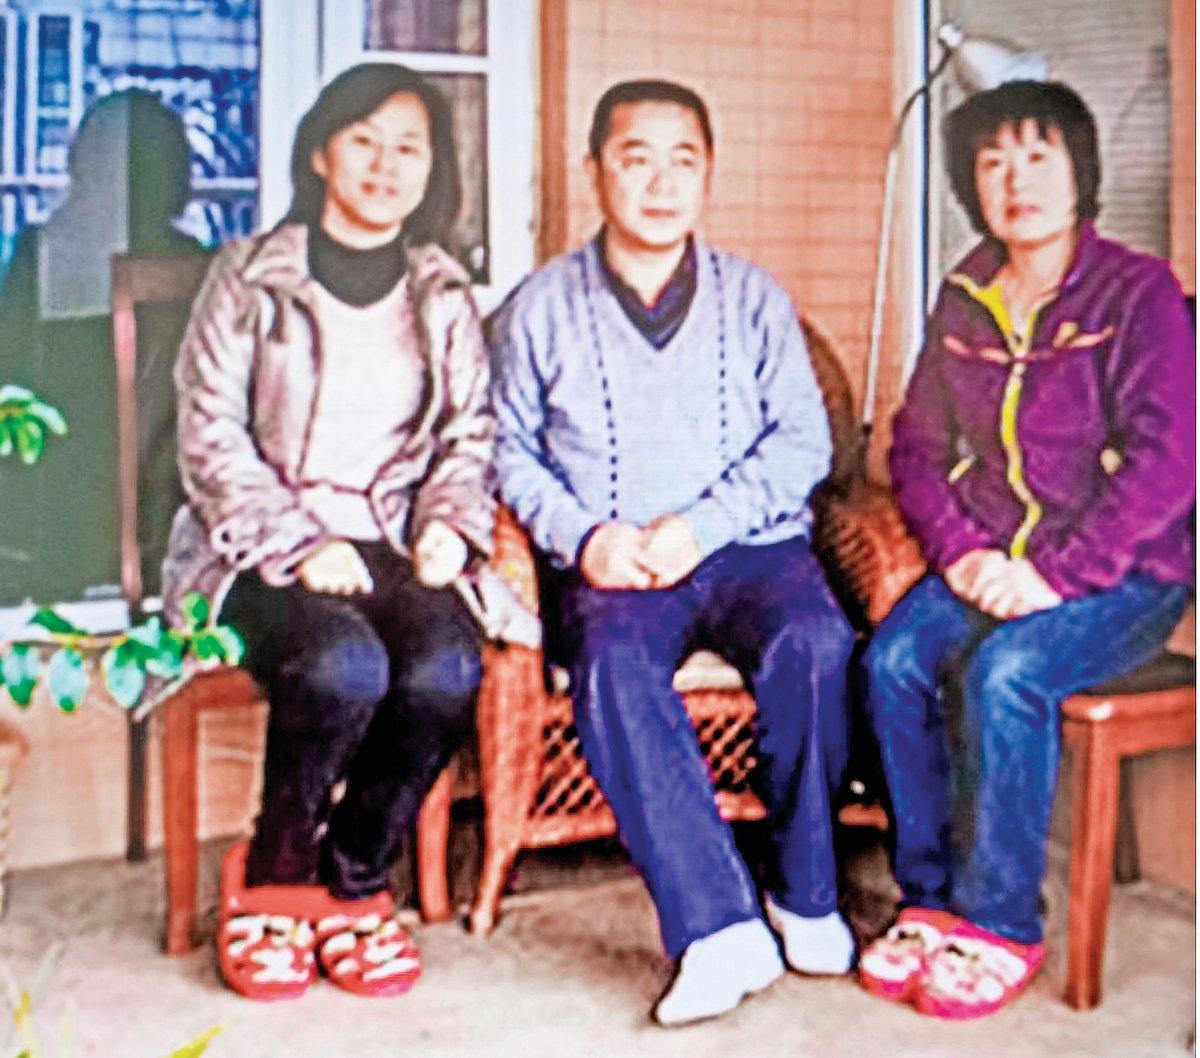 「六四天網」創辦人黃琦和天網義工、公民記者於2013年合影(左一王晶,中間黃琦,右一張繼新)。(受訪者提供)